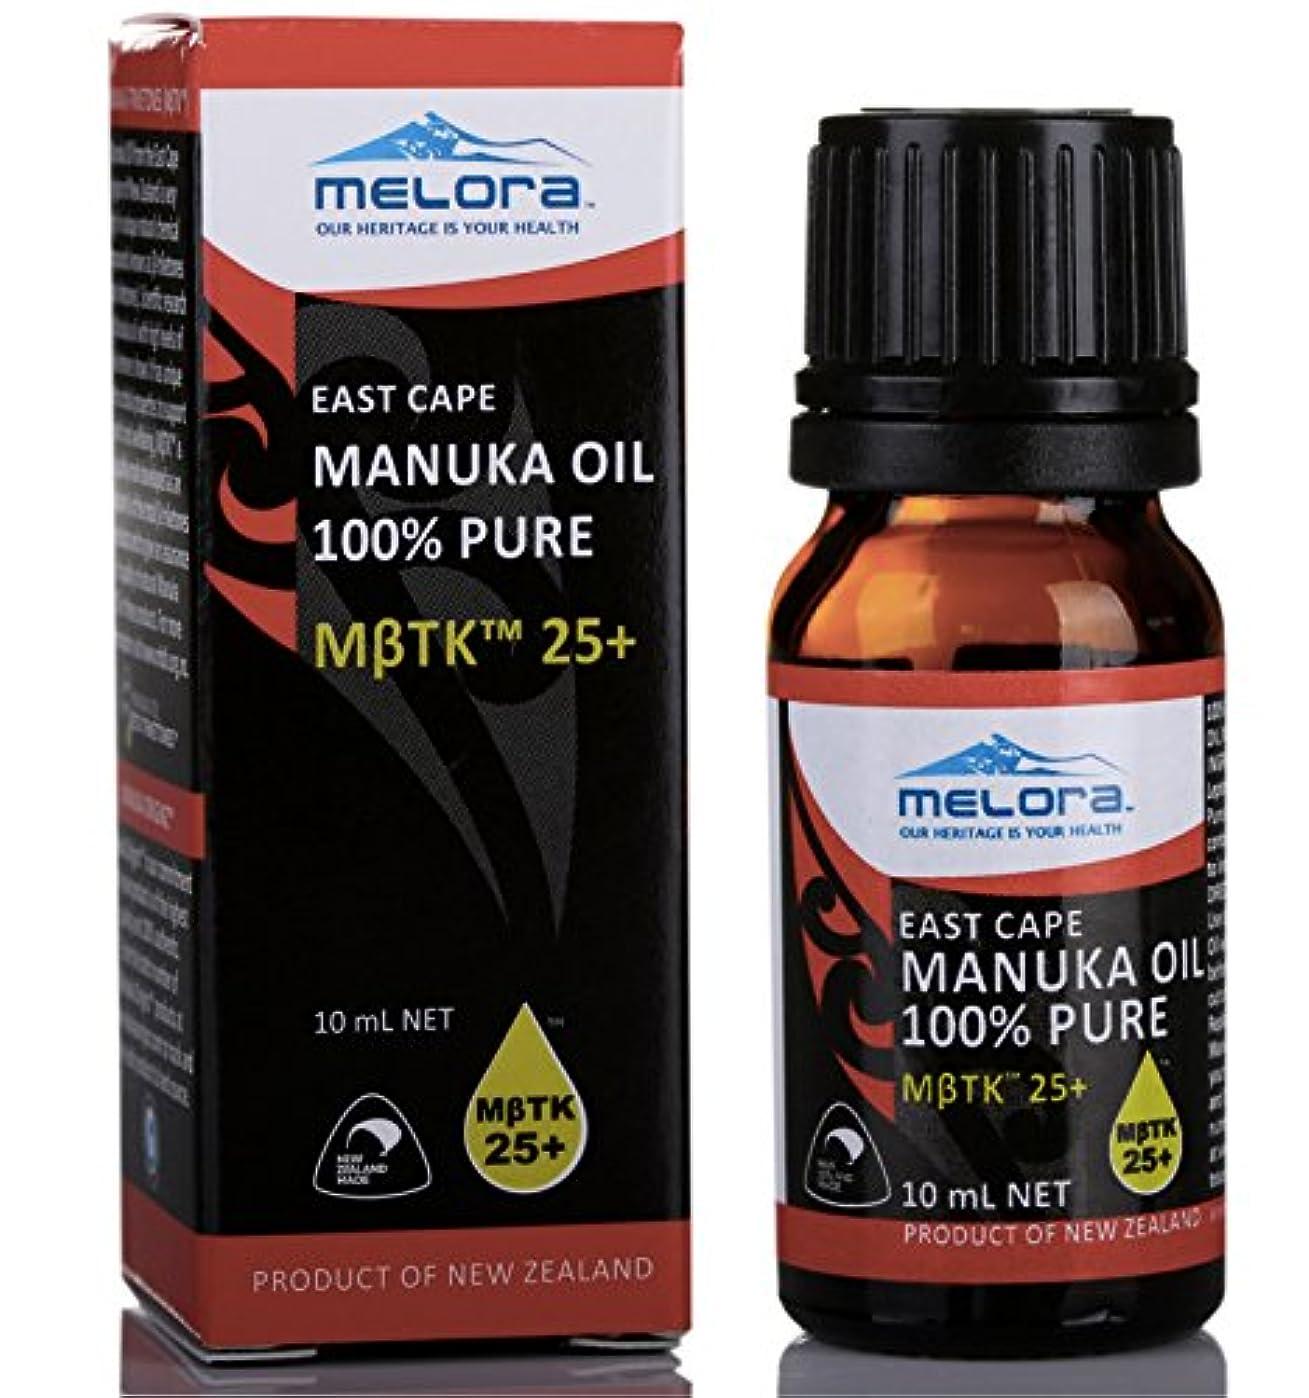 豚肉支出ピストンEAST CAPE MANUKA OIL 100%PURE MBTK 25+ 100%マヌカオイル(精油) 10ml